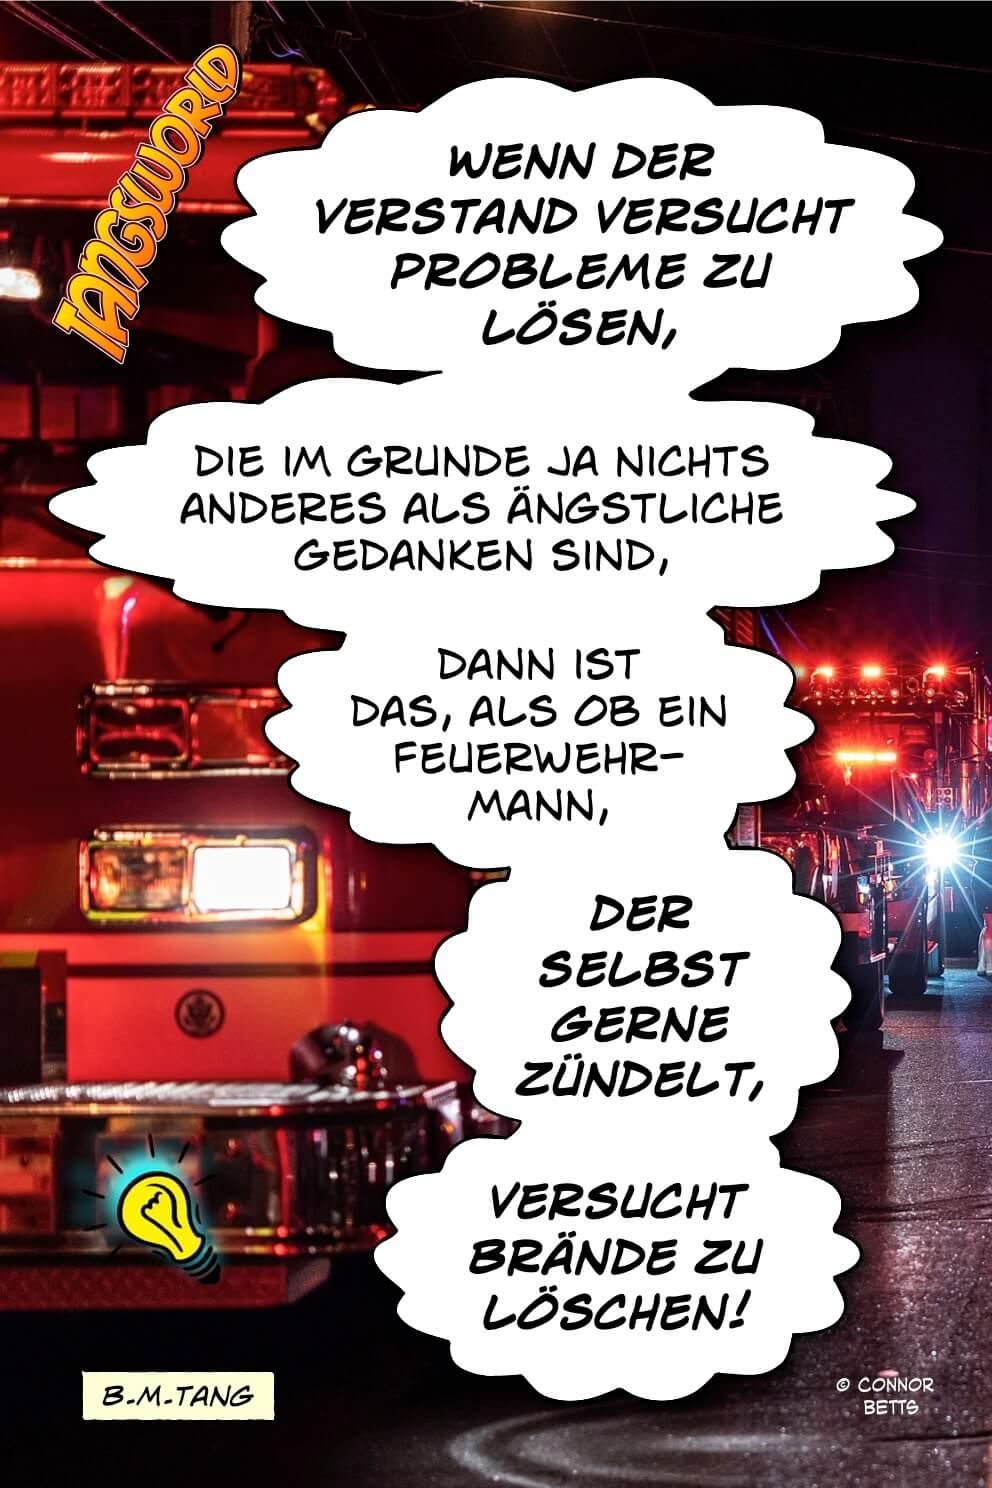 Wenn der Verstand versucht Probleme zu lösen, die im Grunde ja nichts anderes als ängstliche Gedanken sind, dann ist das, als ob ein Feuerwehrmann, der selbst gerne zündelt, versucht Brände zu löschen. - Geistesblitze | B.M.Tang